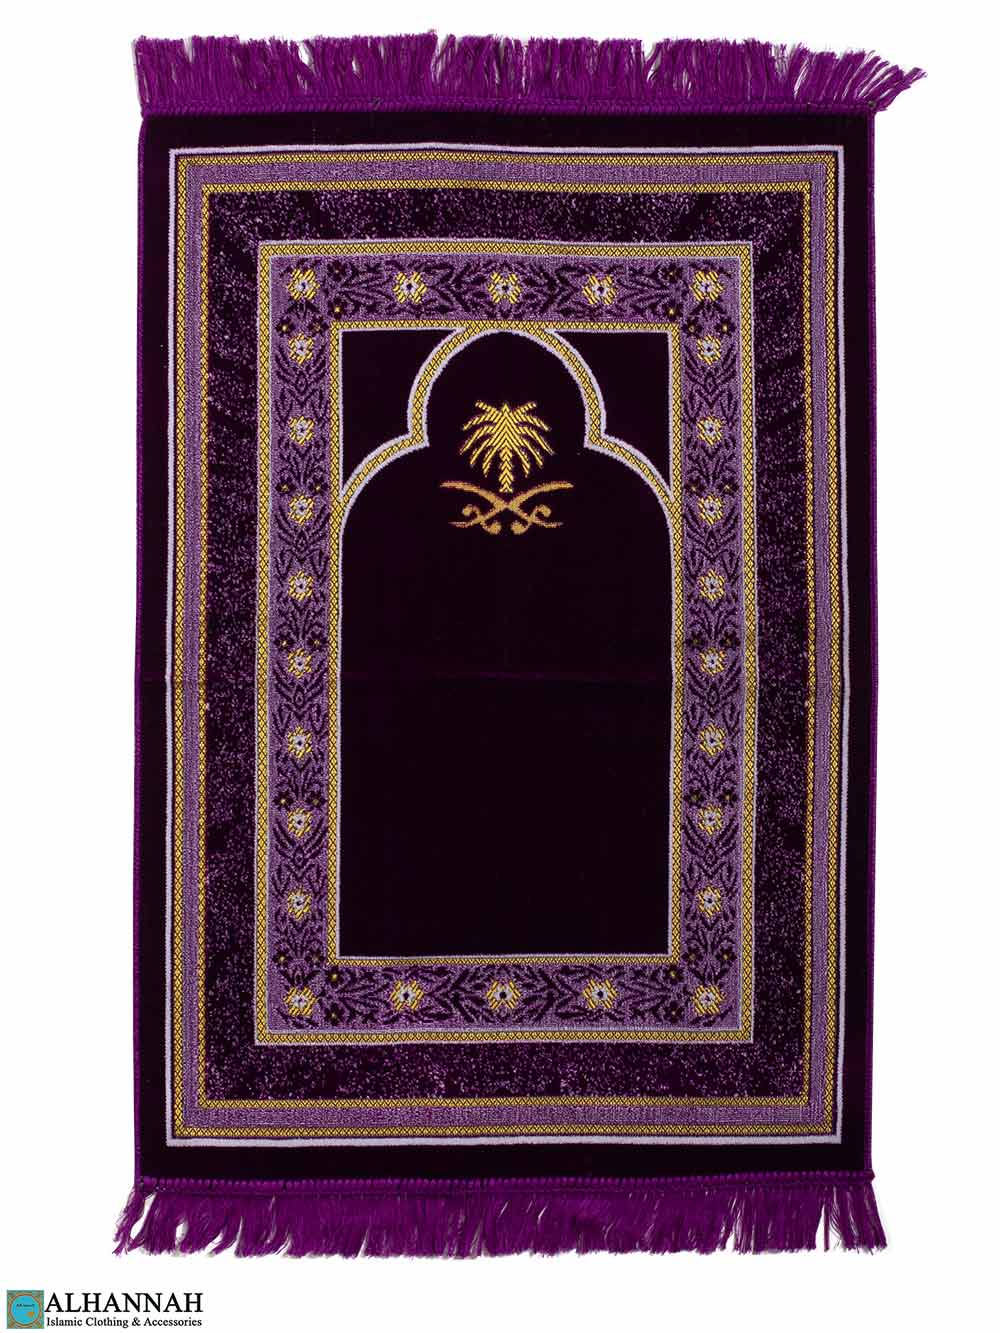 Turkish Prayer Rug with Hijaz Swords & Palm - Purple